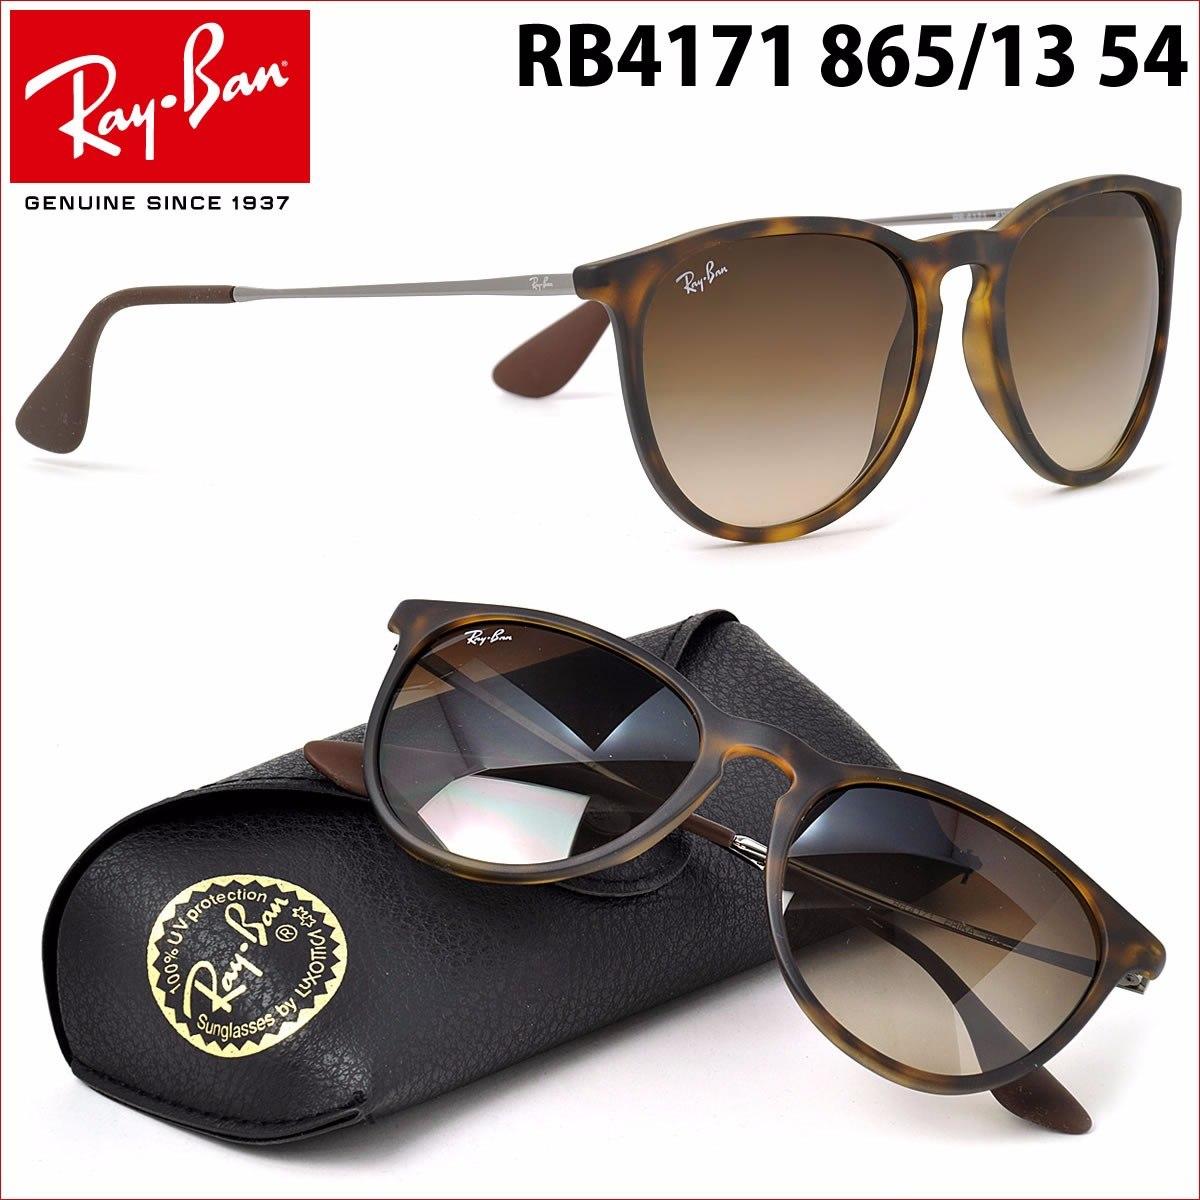 Ray Ban Erika Carey 4171 865 13 -   1.679,99 en Mercado Libre 9a23ed1f3d